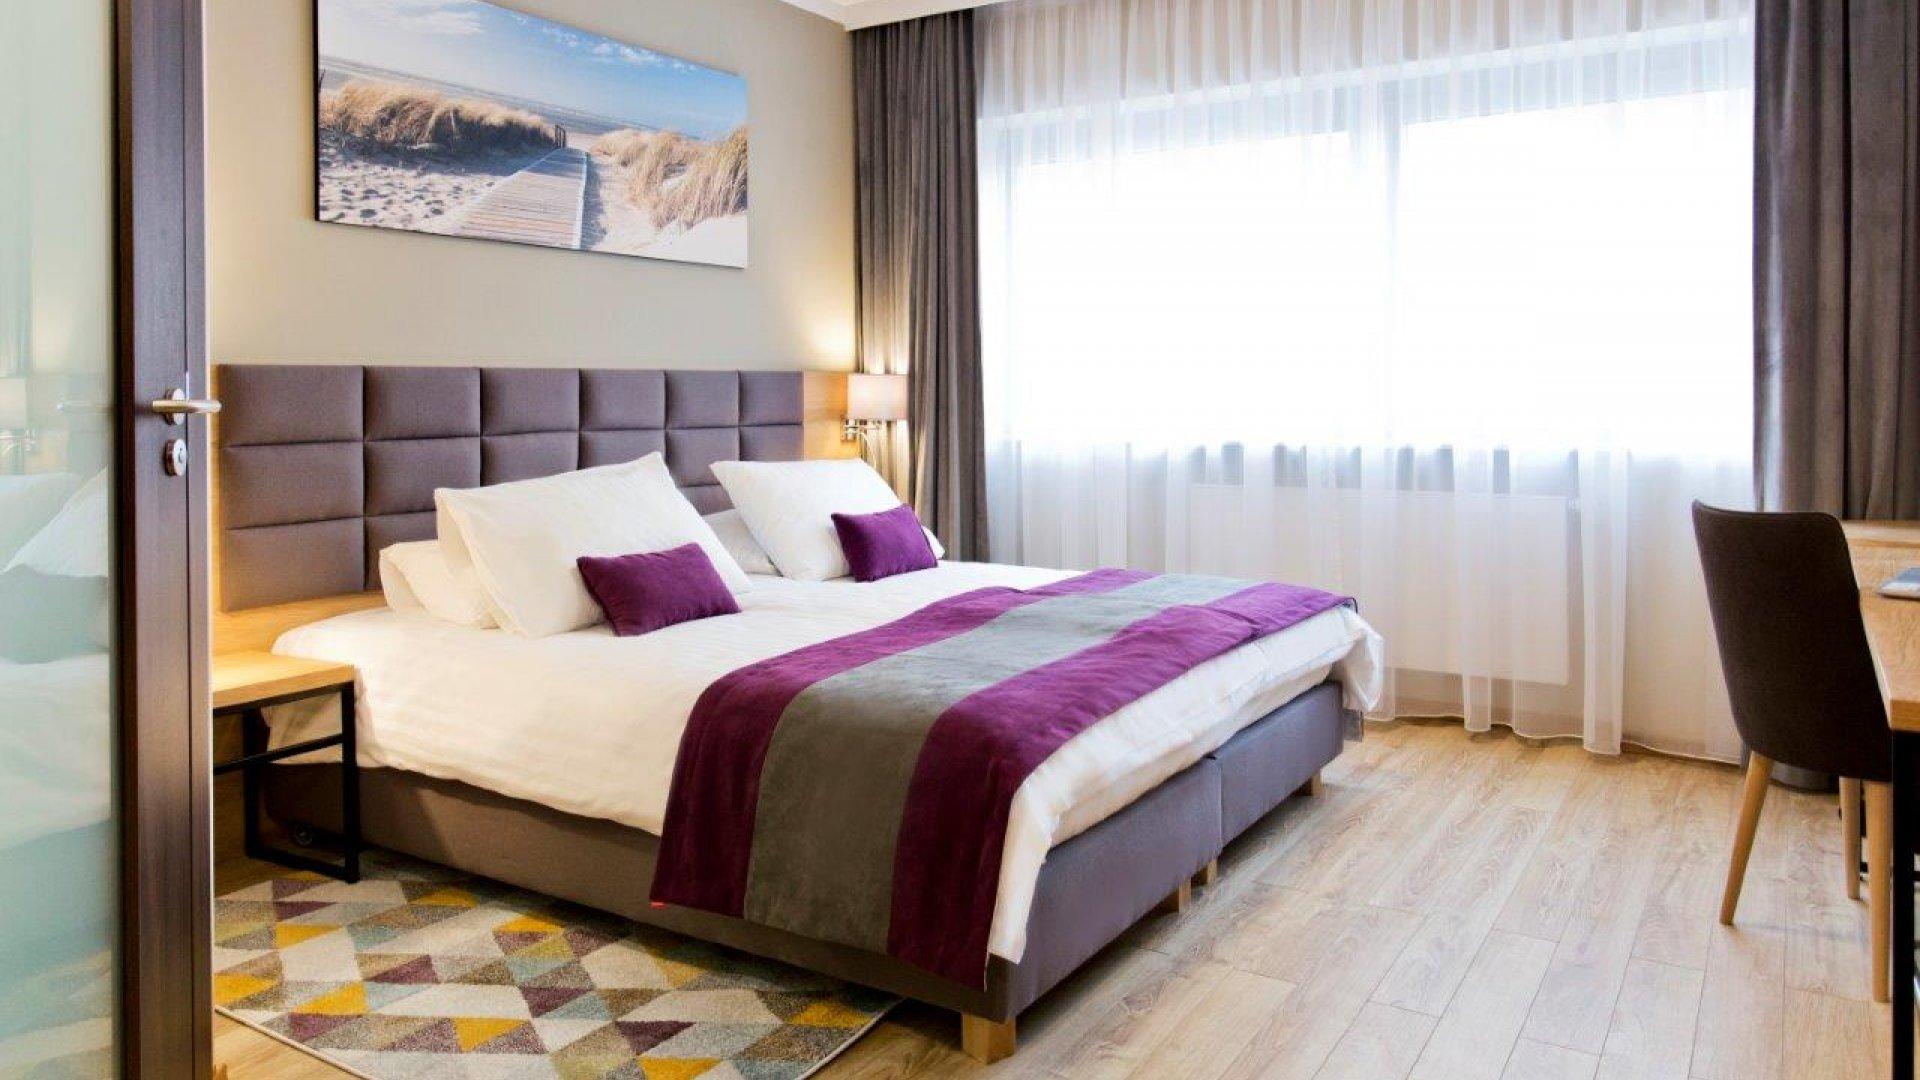 Pokój 1 osobowy z dużym łóżkiem